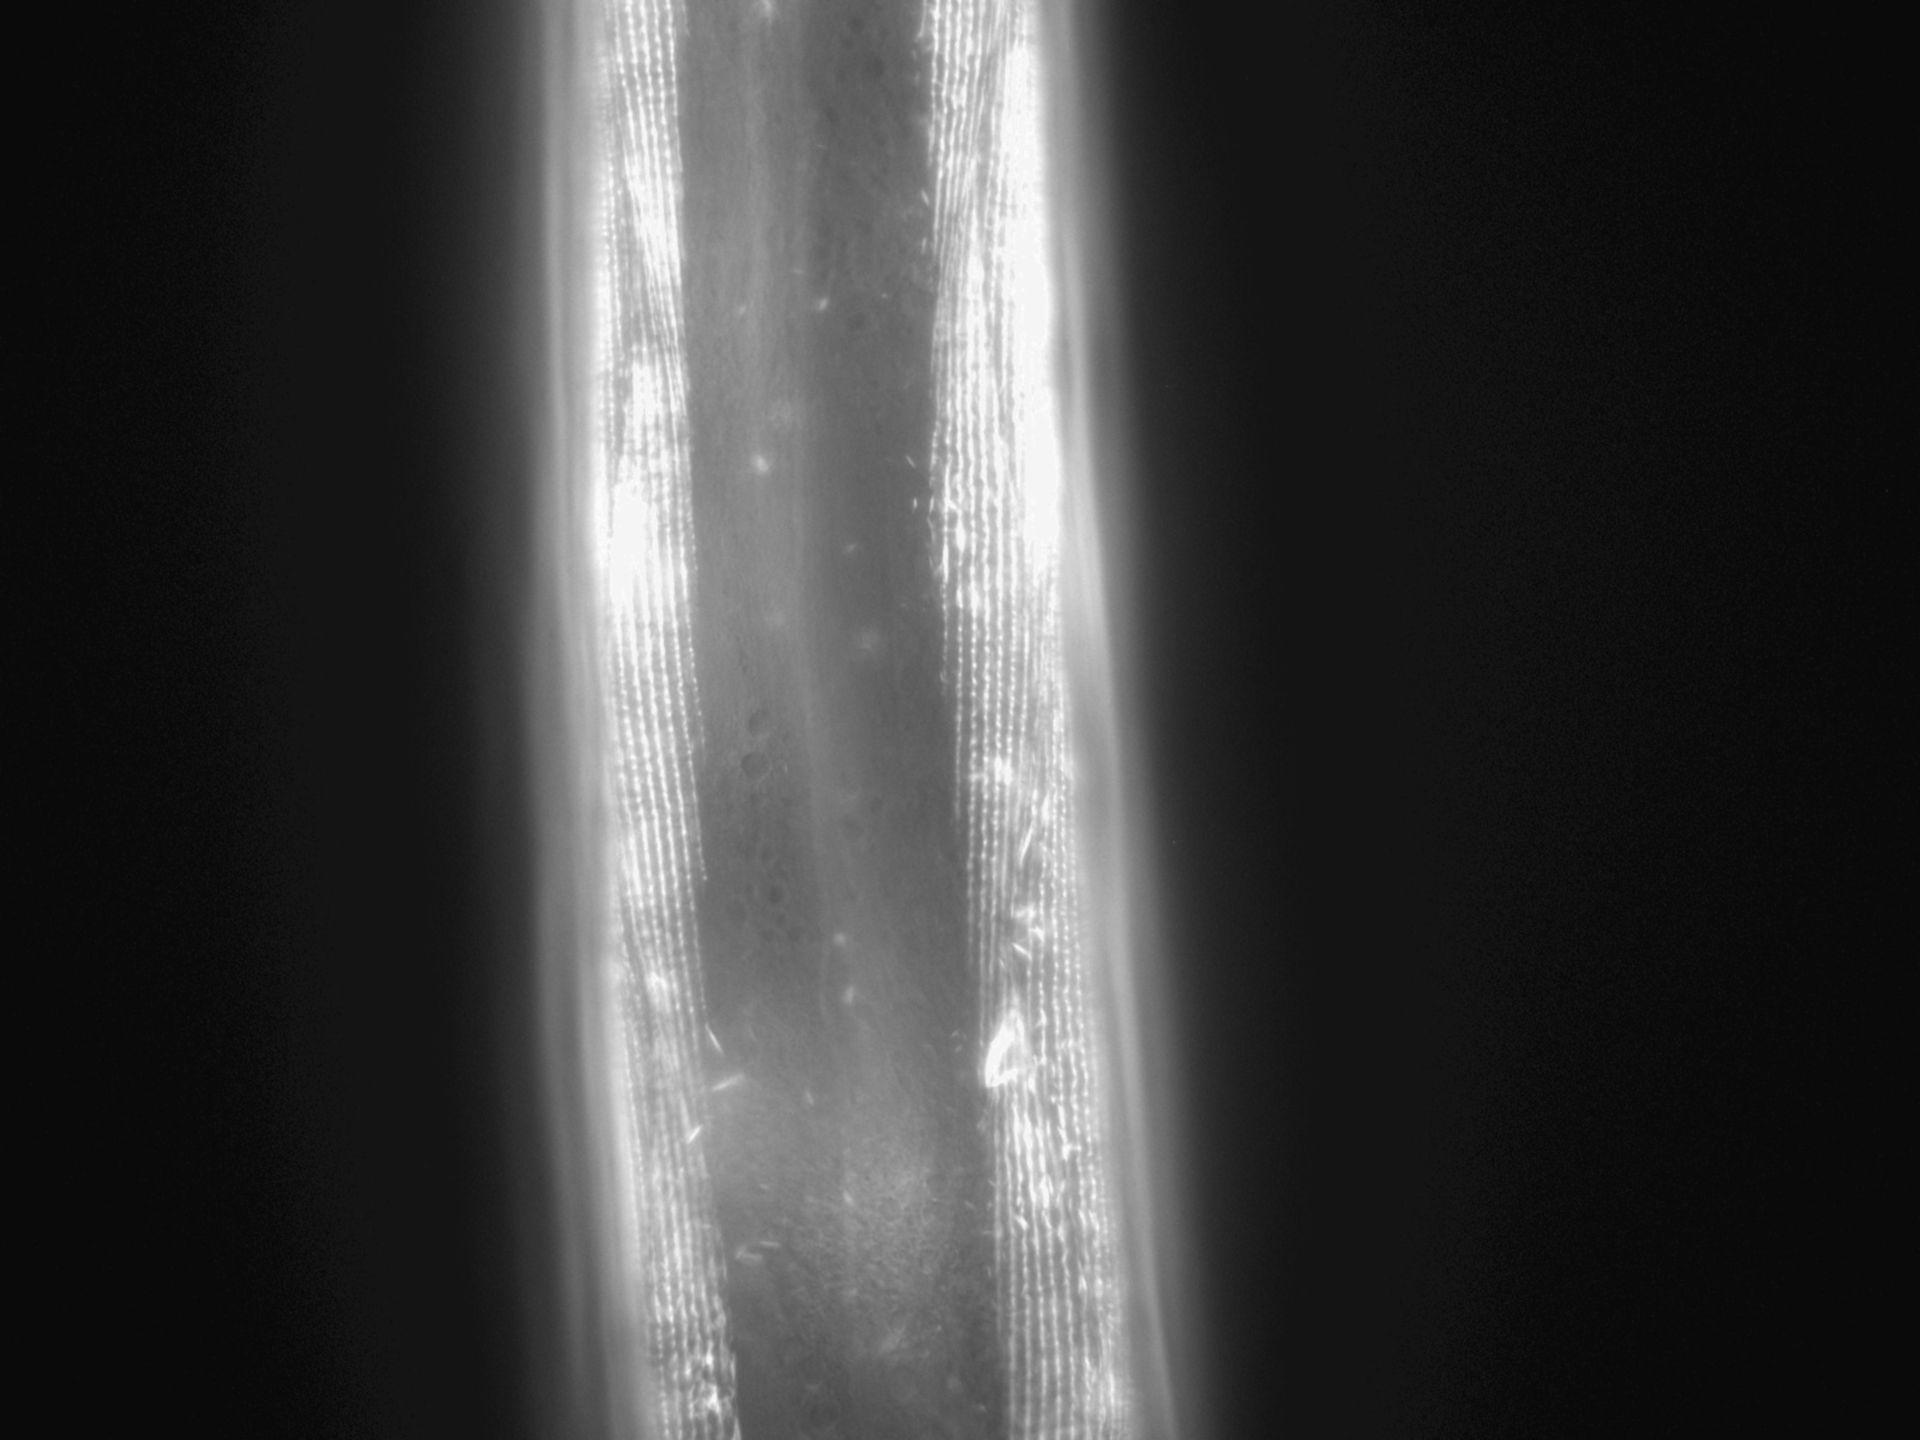 Caenorhabditis elegans (Actin filament) - CIL:1032